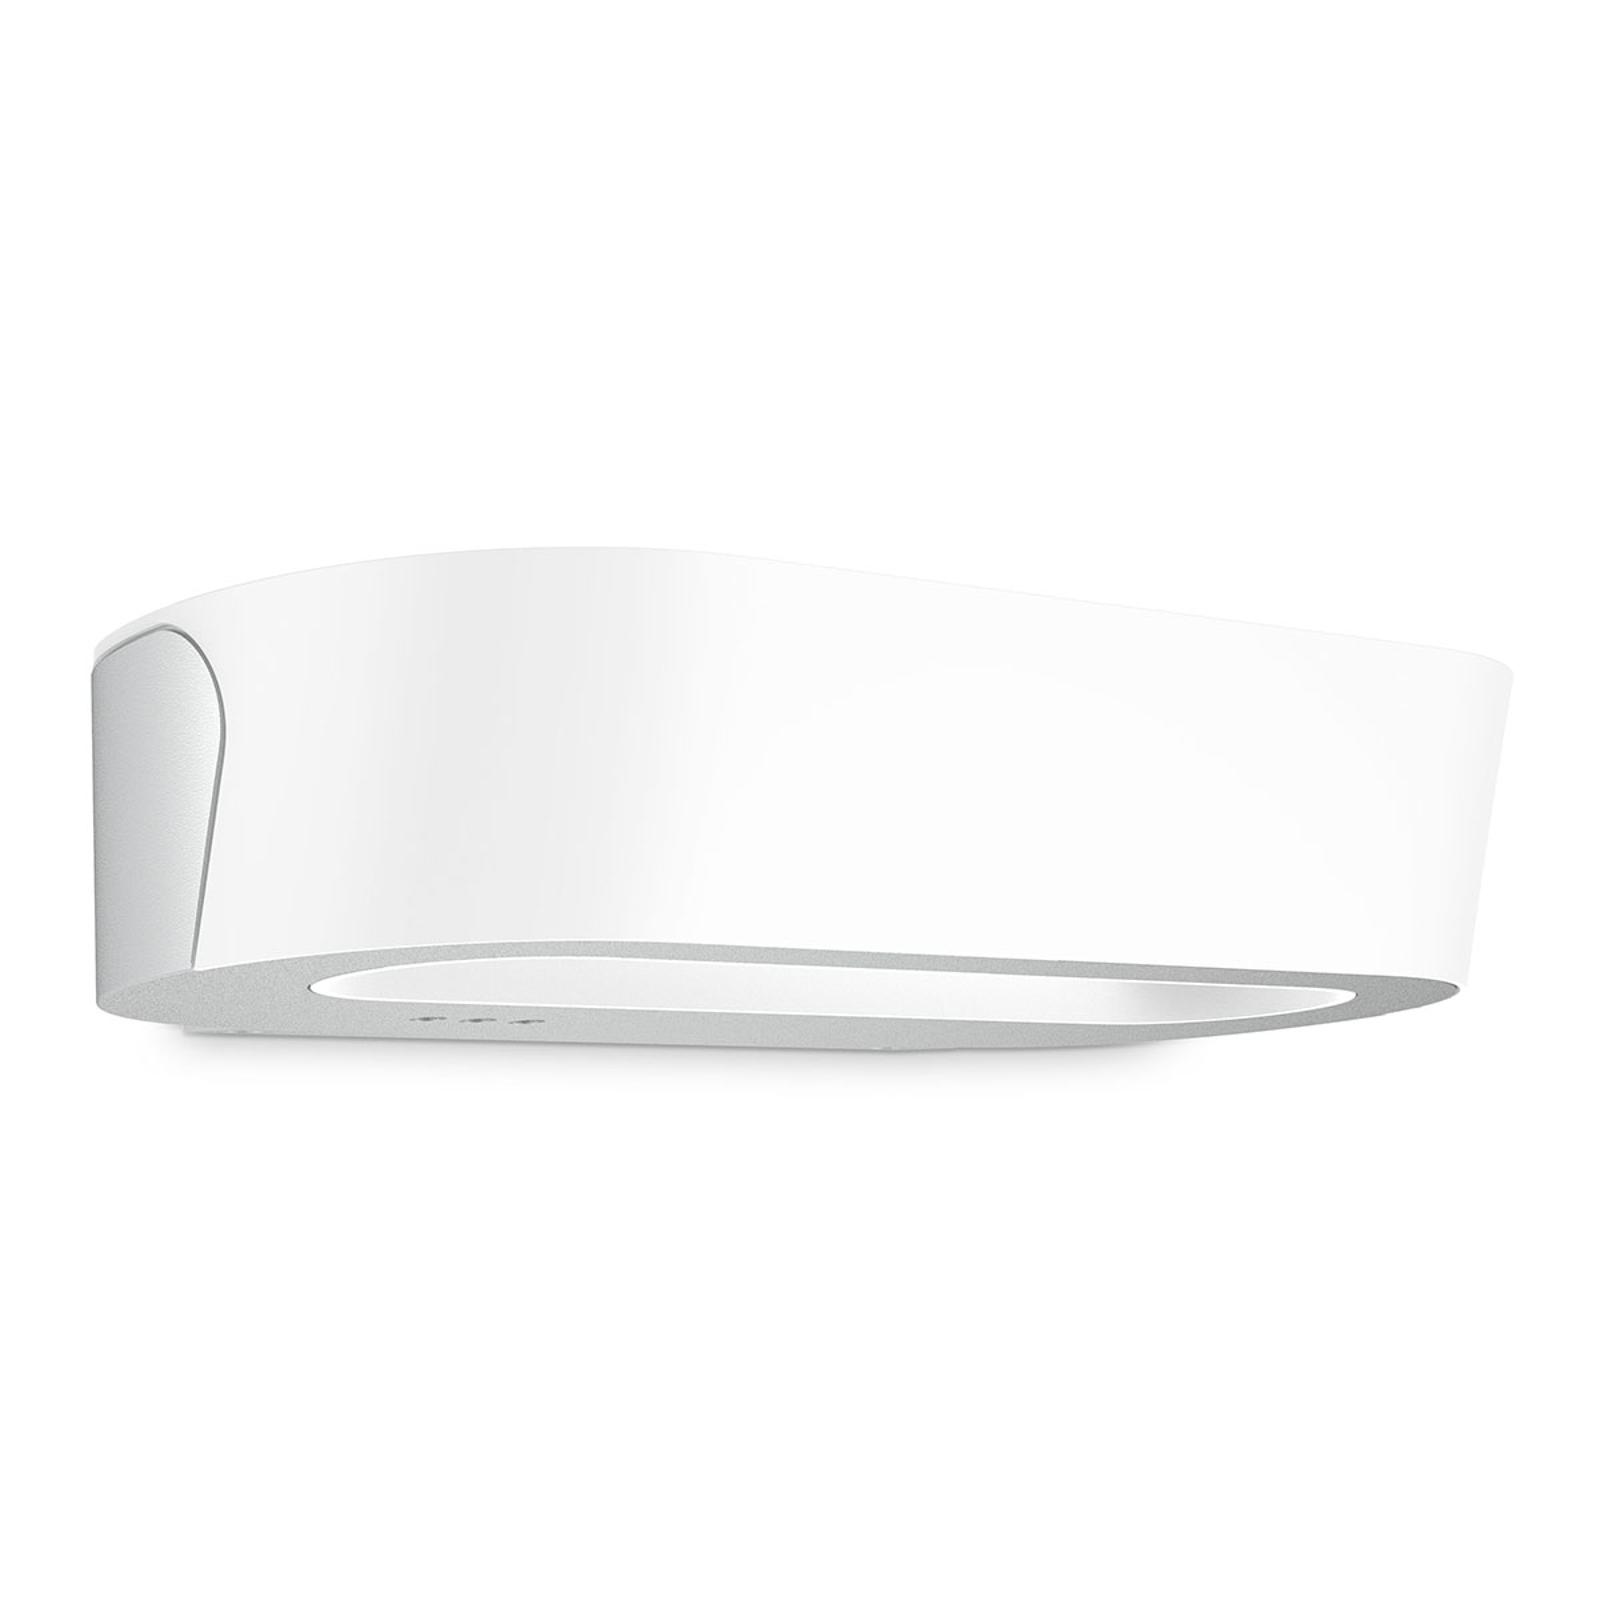 STEINEL LN 710 utendørs LED-vegglampe sølv